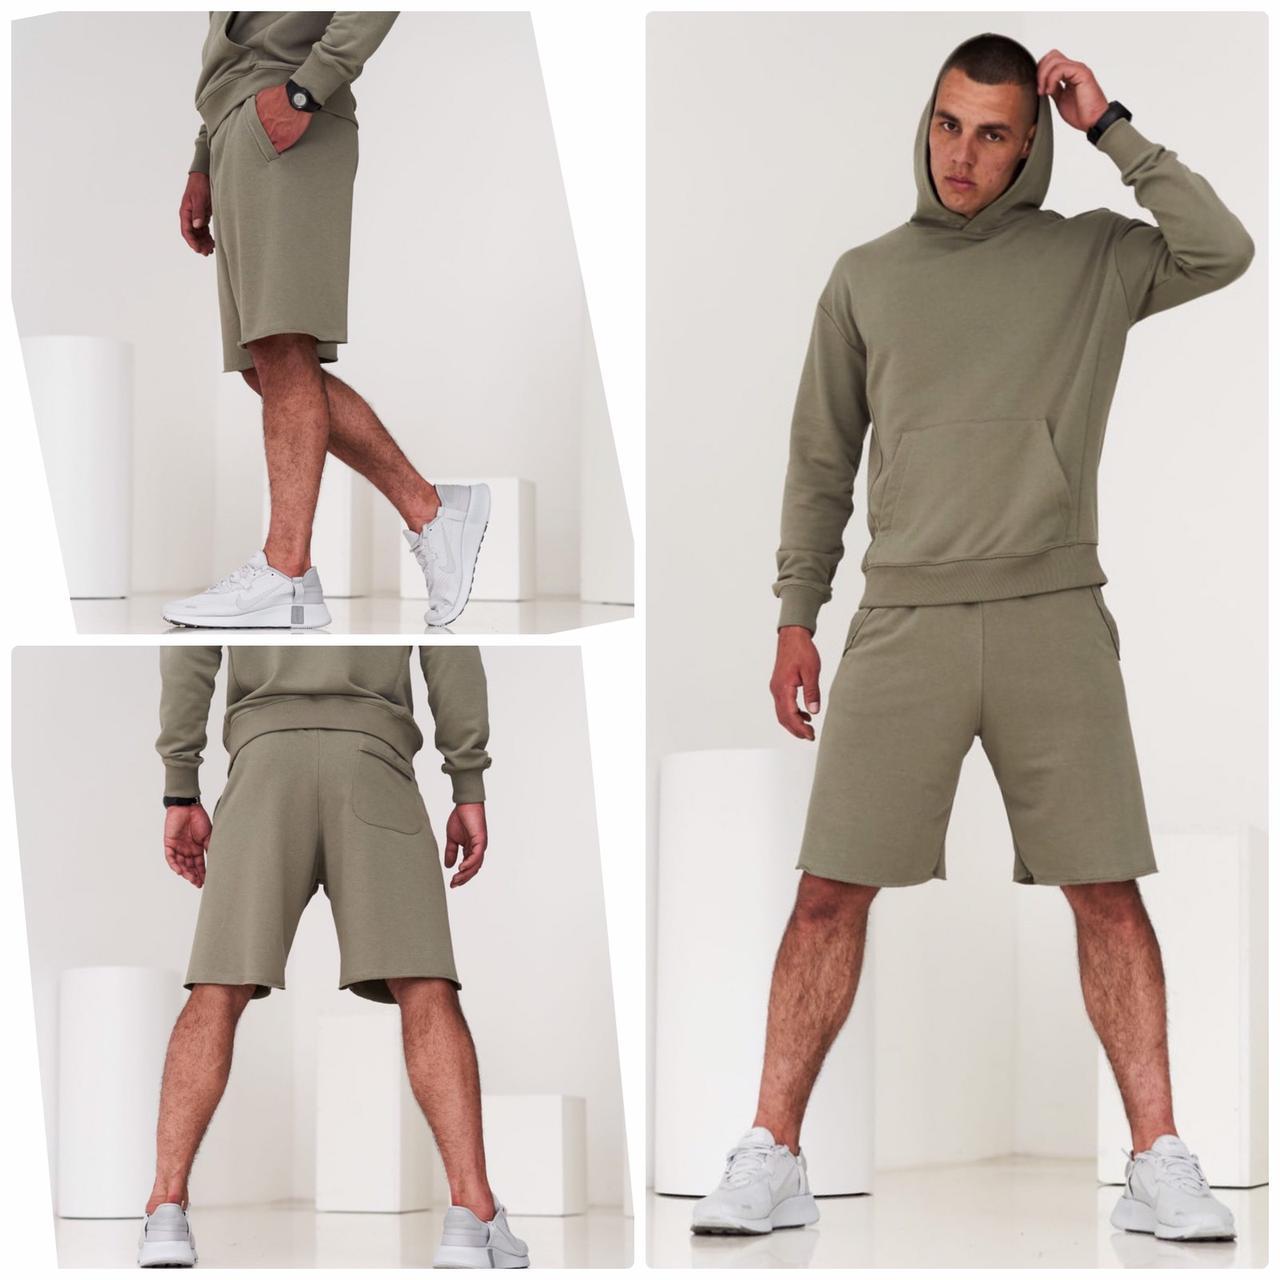 Чоловічий комплект (худі + шорти) чоловічий. Стильний спортивний костюм чоловічий толстовка шорти